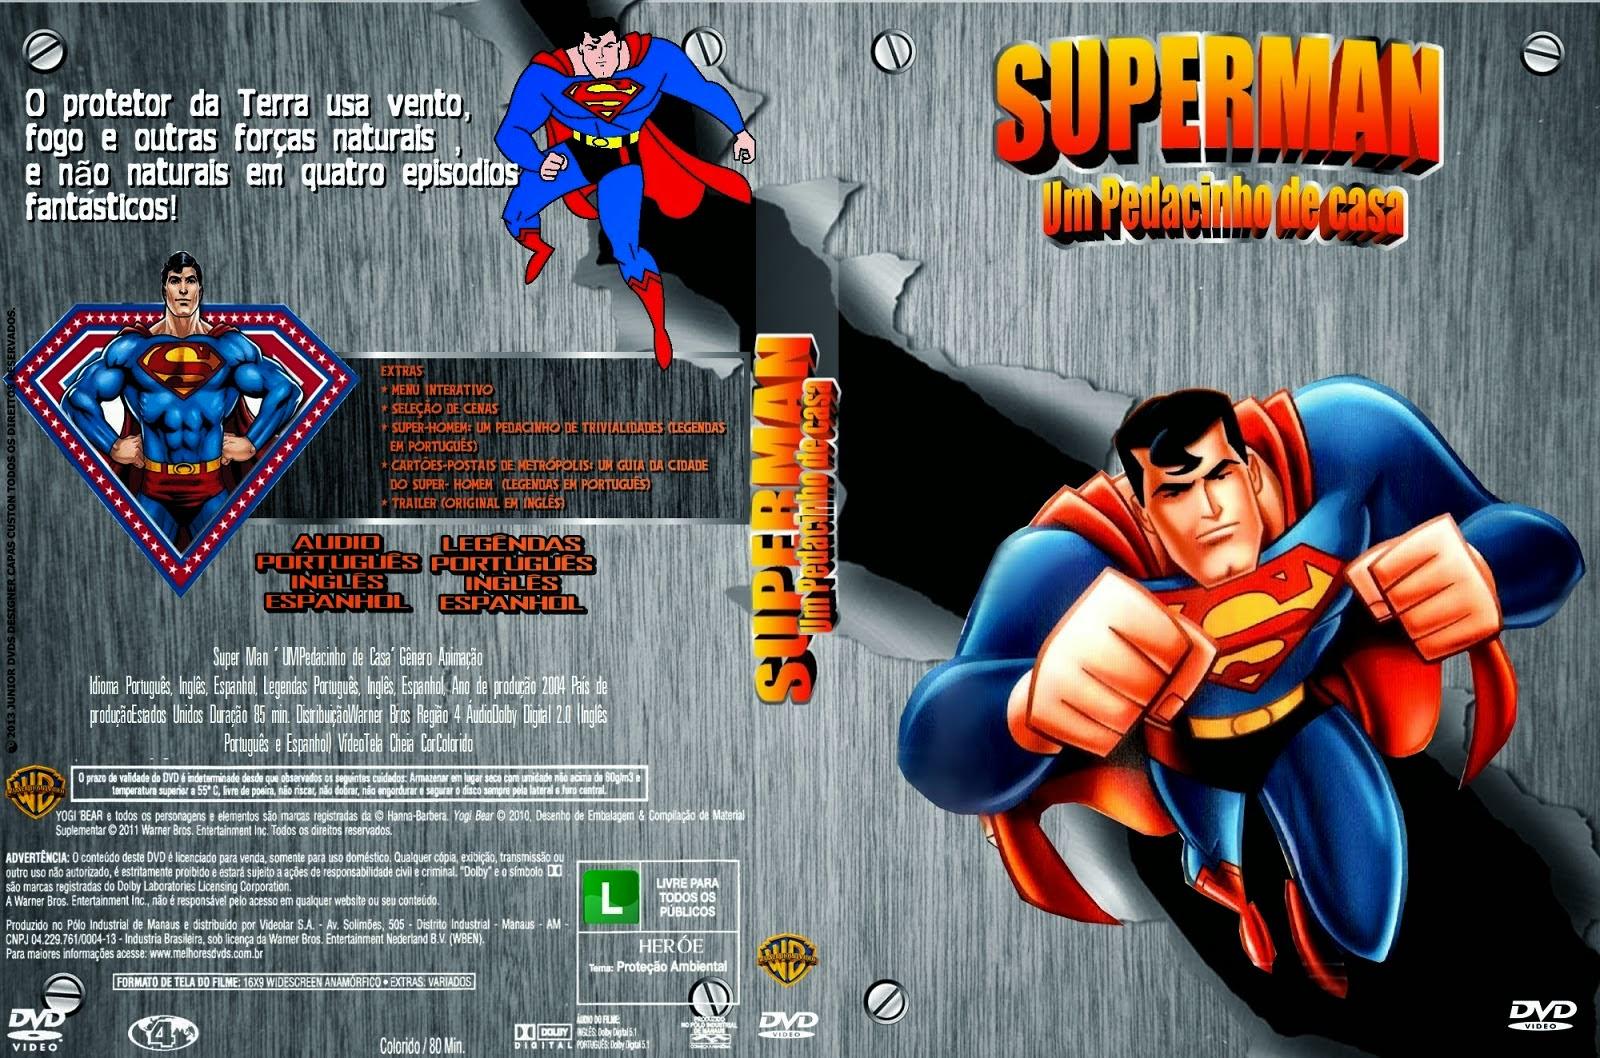 CAPA+DO+FILME+SUPERMAN+UM+PEDACINHO+DE+CASA+INFANTIL+-+JUNIOR+DVDS+DESIGNER.jpeg